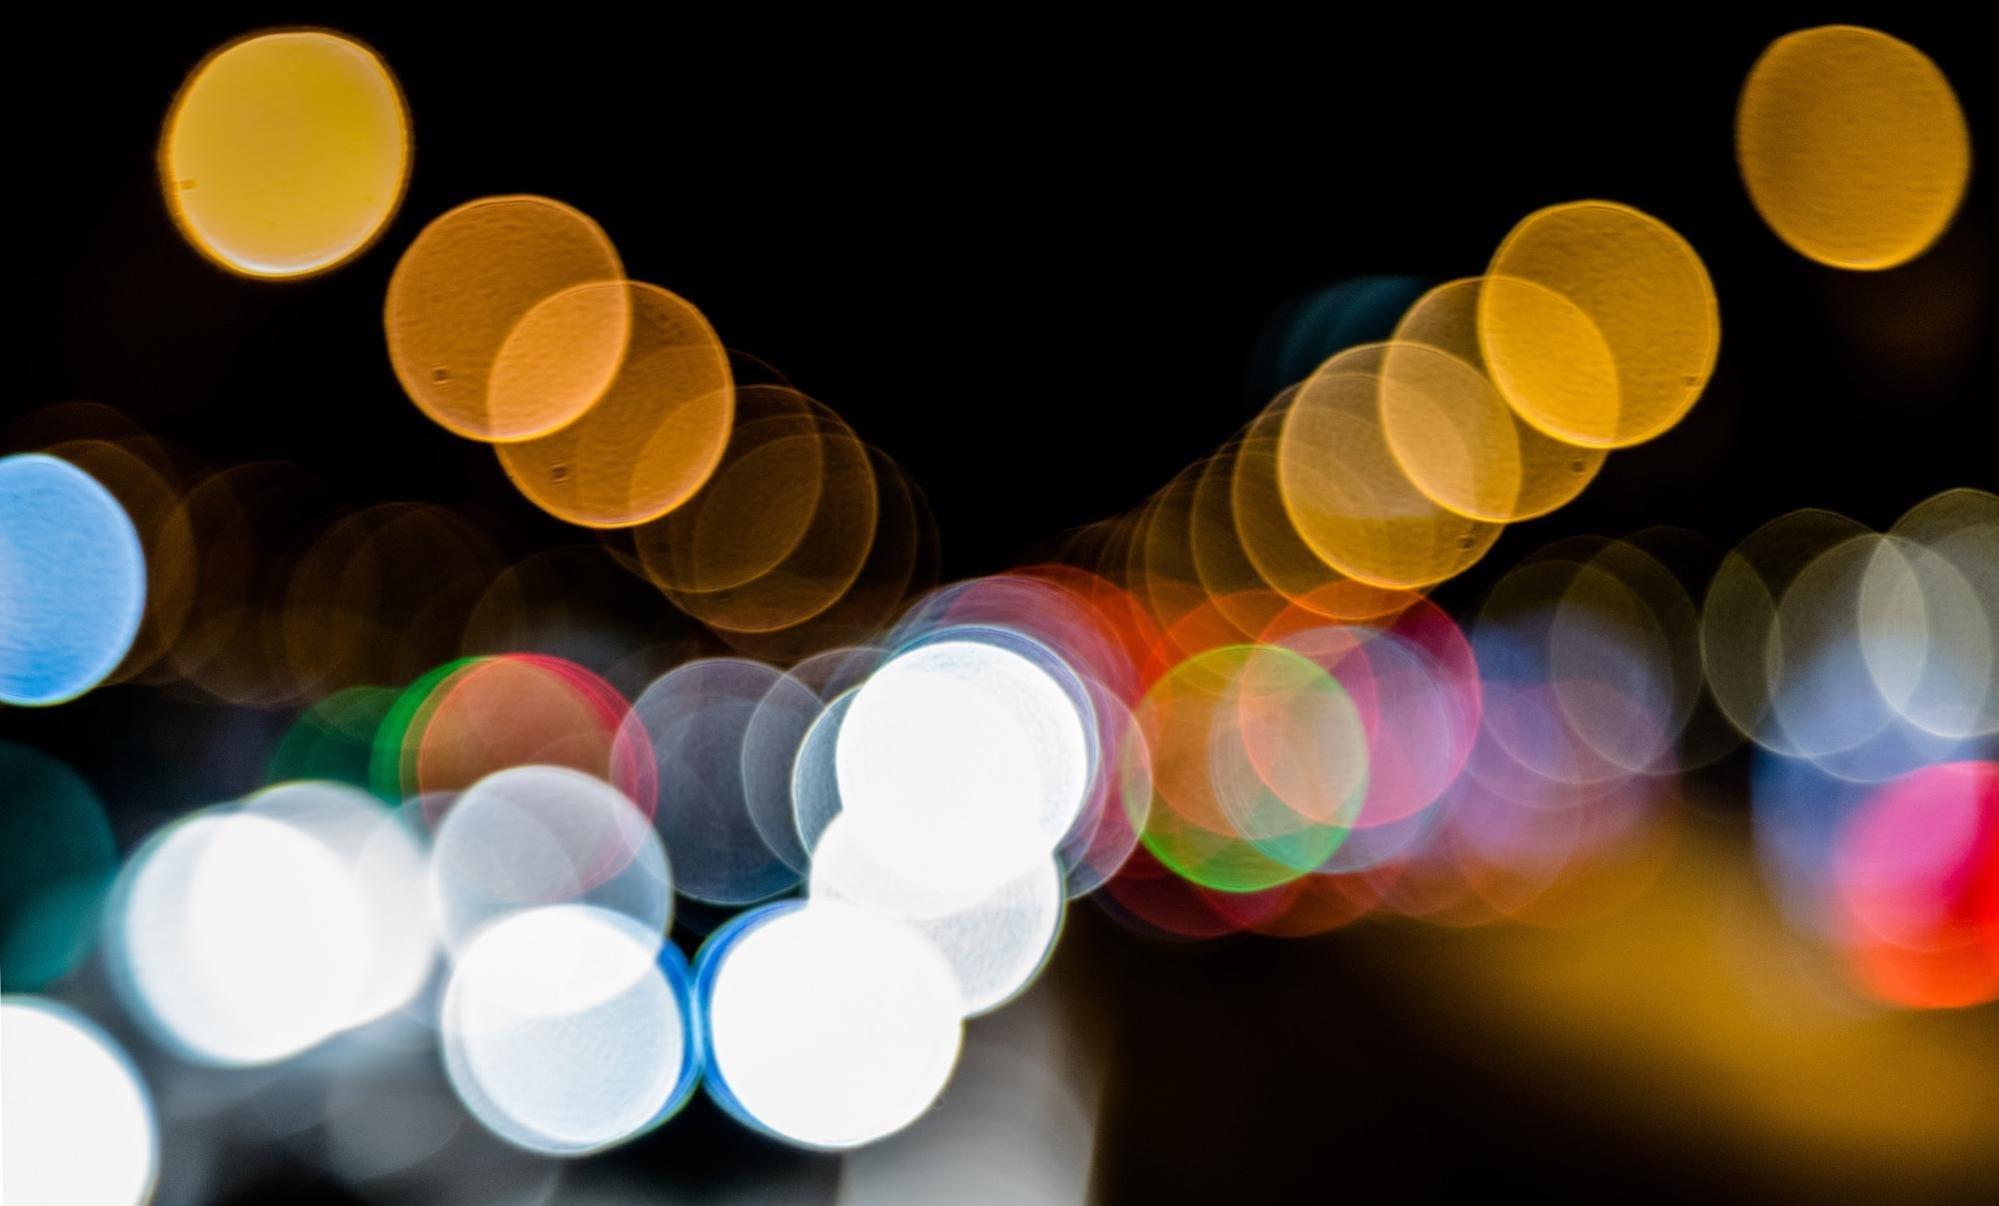 Manual focus bokeh lights